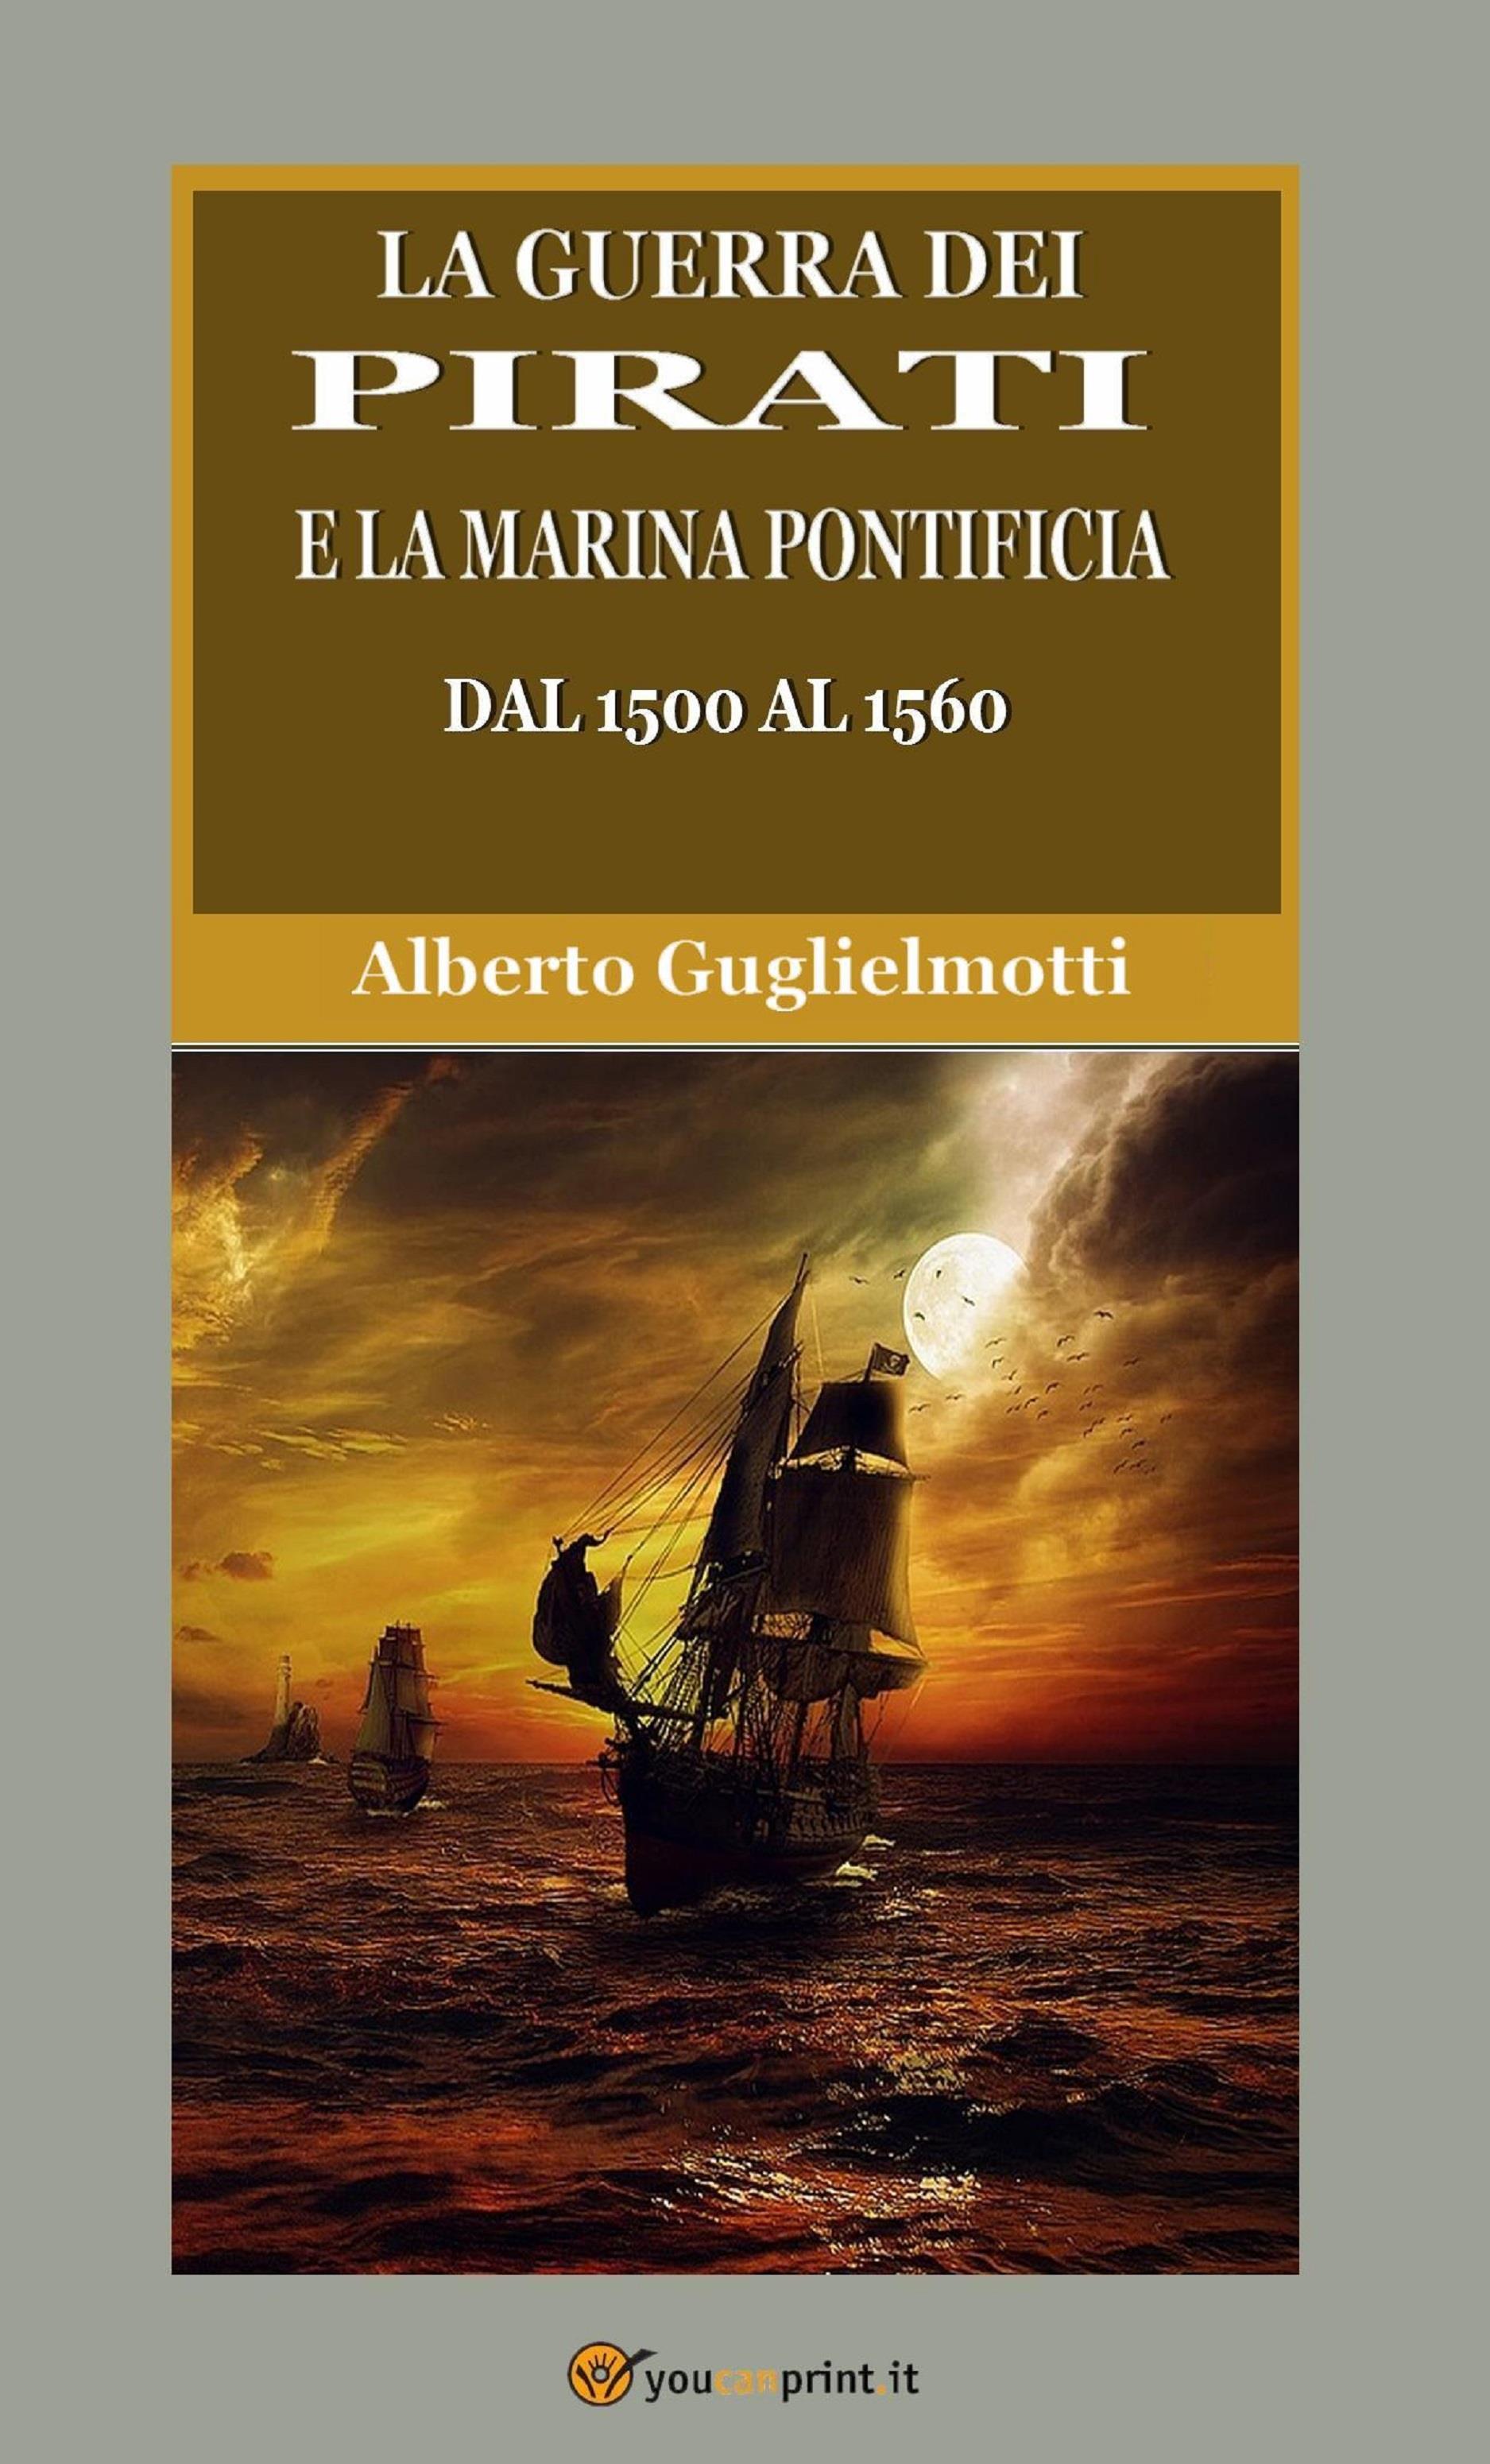 La guerra dei pirati e la marina pontificia dal 1500 al 1560 (Edizione integrale in due volumi)